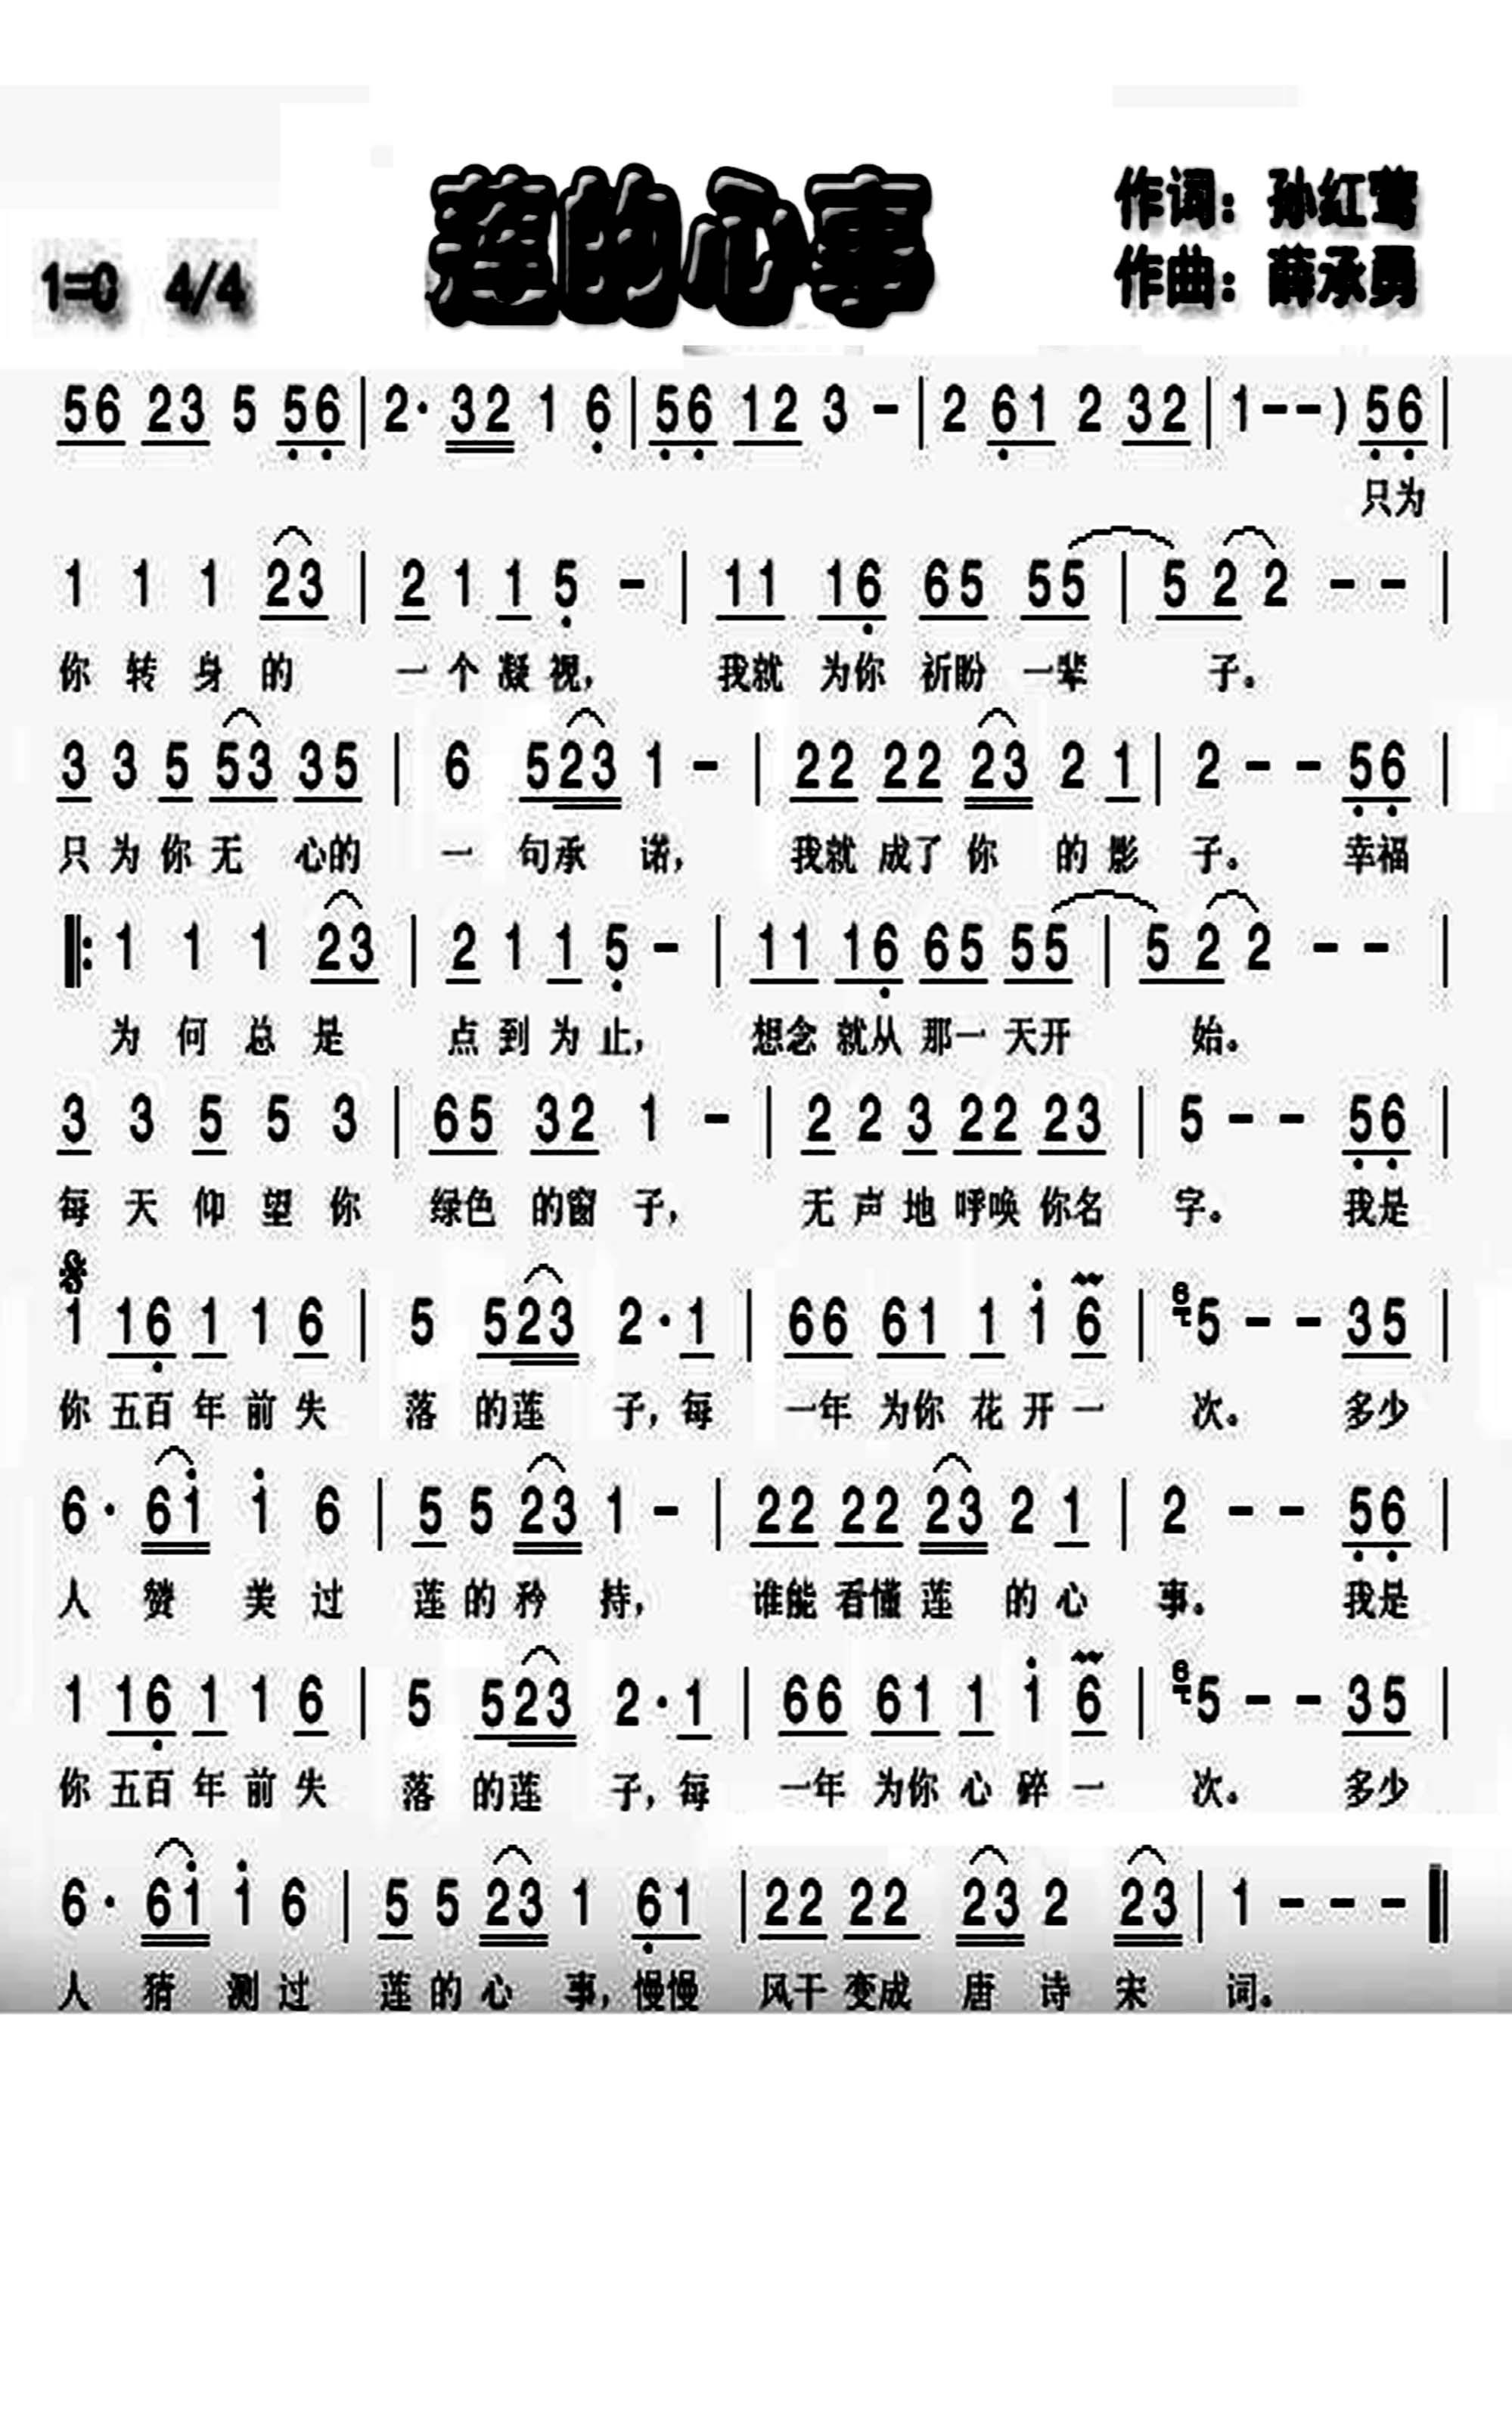 心事词曲谱_心事重重图片